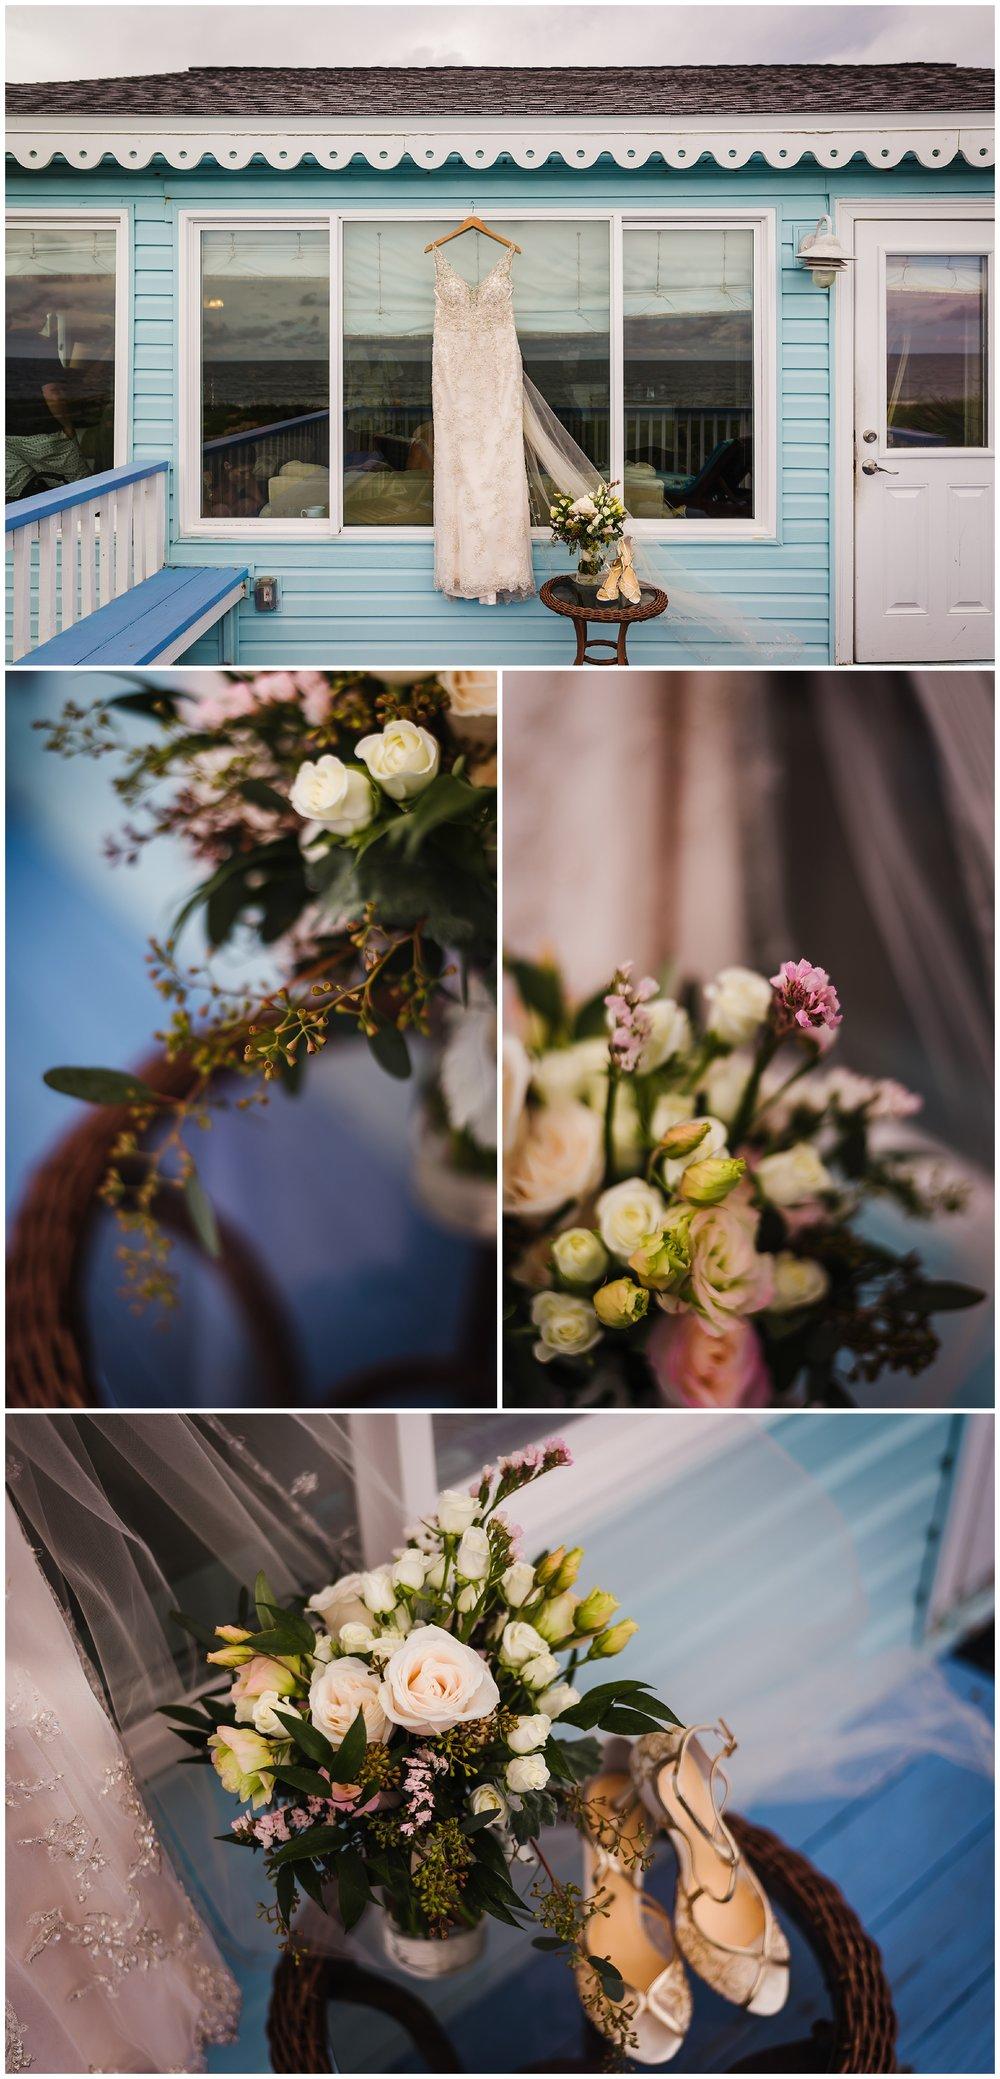 st-augustine-destination-wedding-photographer-white-room-villa-blanca-flagler-first-look_0003.jpg